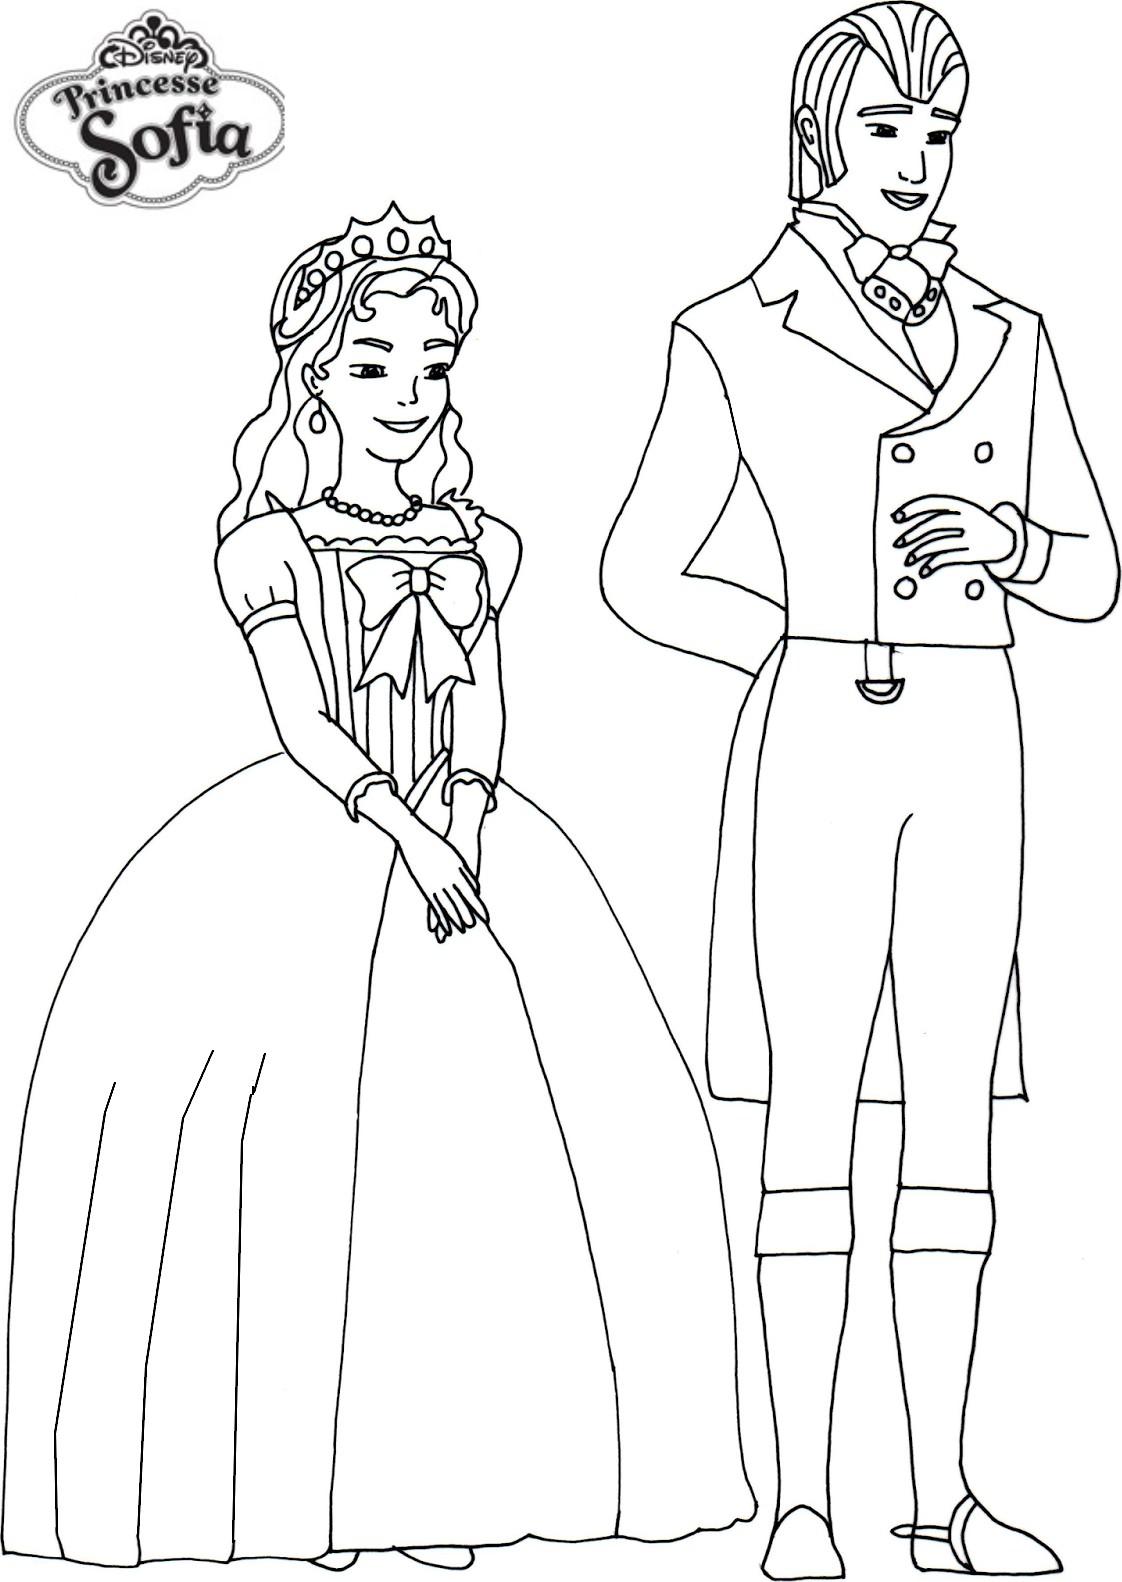 Coloriage Gratuit Princesse Sofia.Coloriage A Imprimer Princesse Sofia Roi Et Reine Gratuit Et Colorier